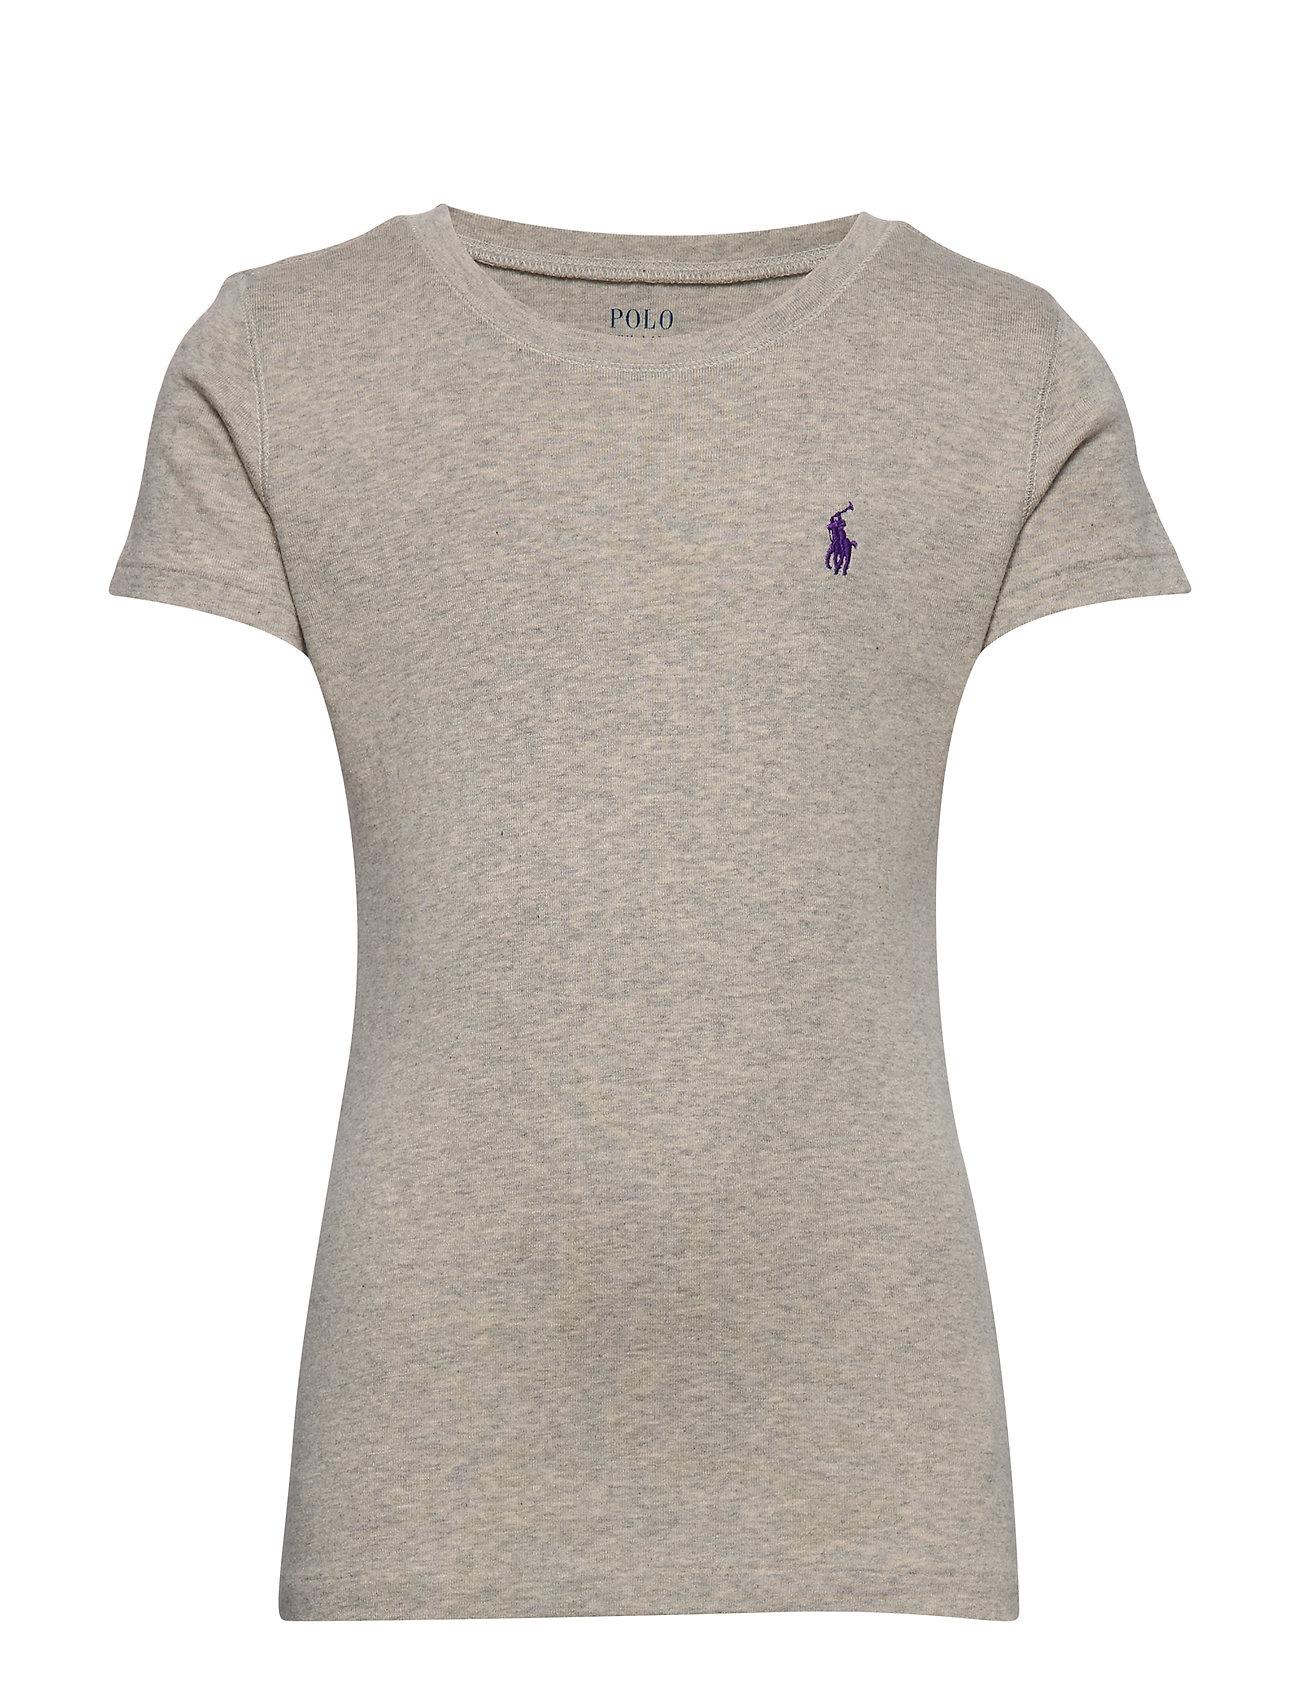 Ralph Lauren Kids Cotton-Blend Crewneck T-Shirt - LT. SPORT HEATHER